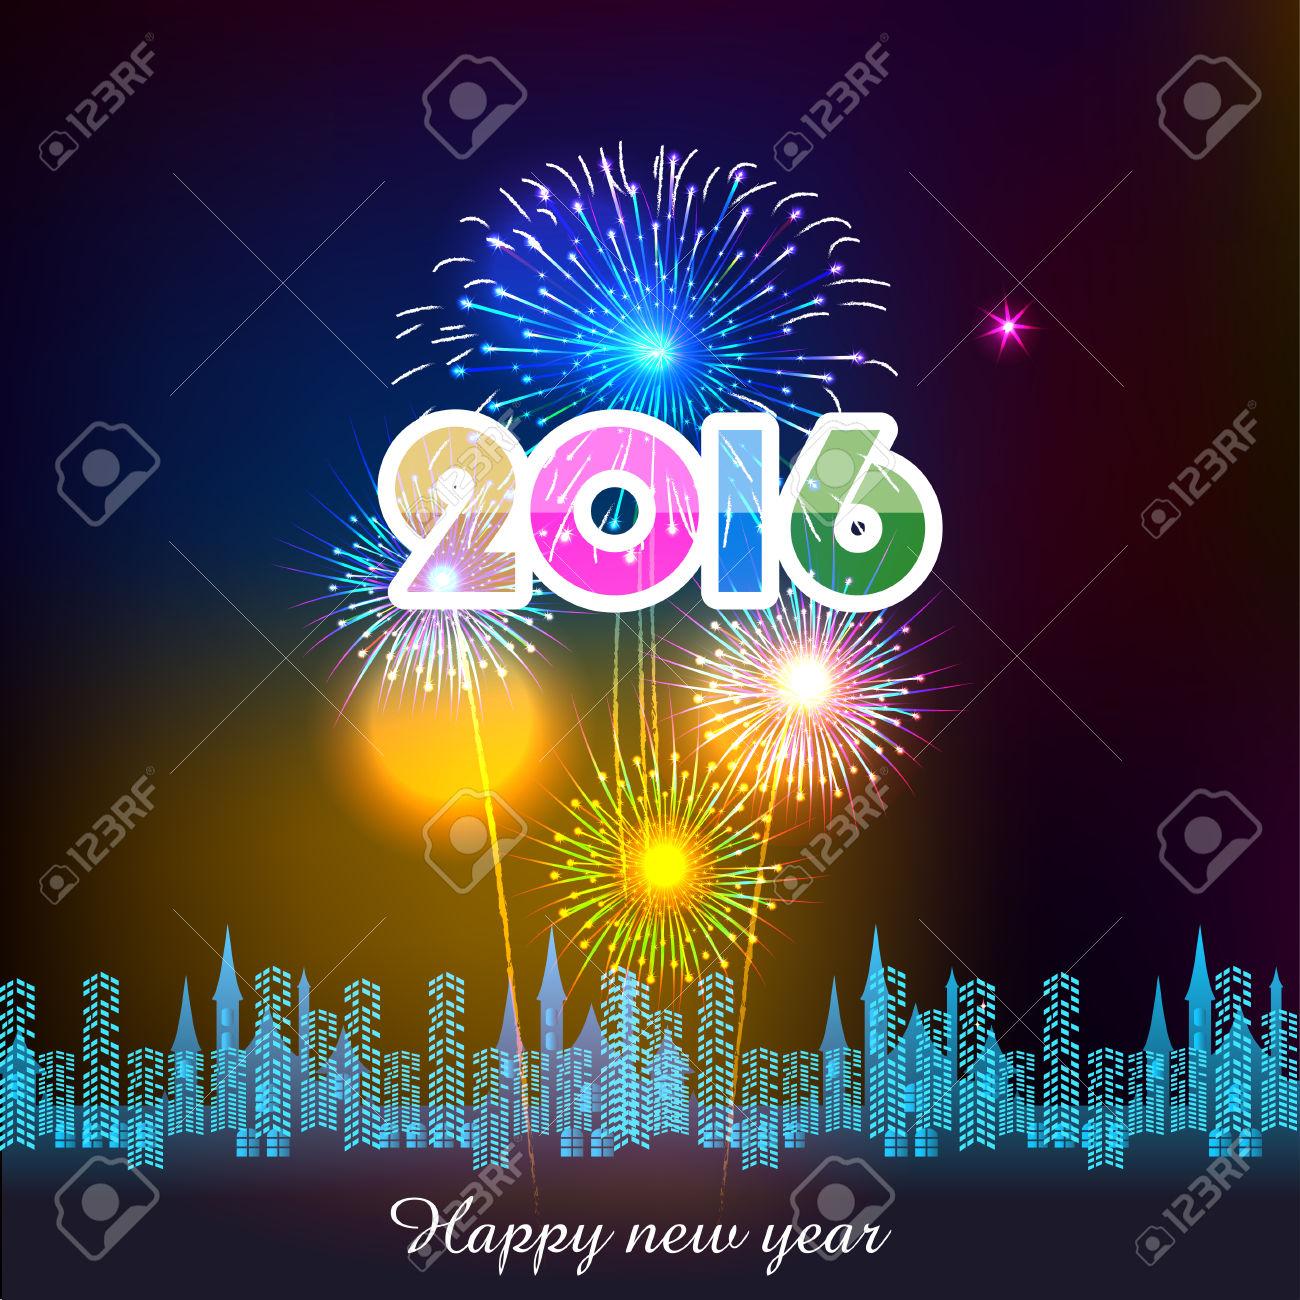 Feliz a o nuevo 2017 imagenes de ano nuevo 2017 mensajes - Felicitaciones para ano nuevo ...